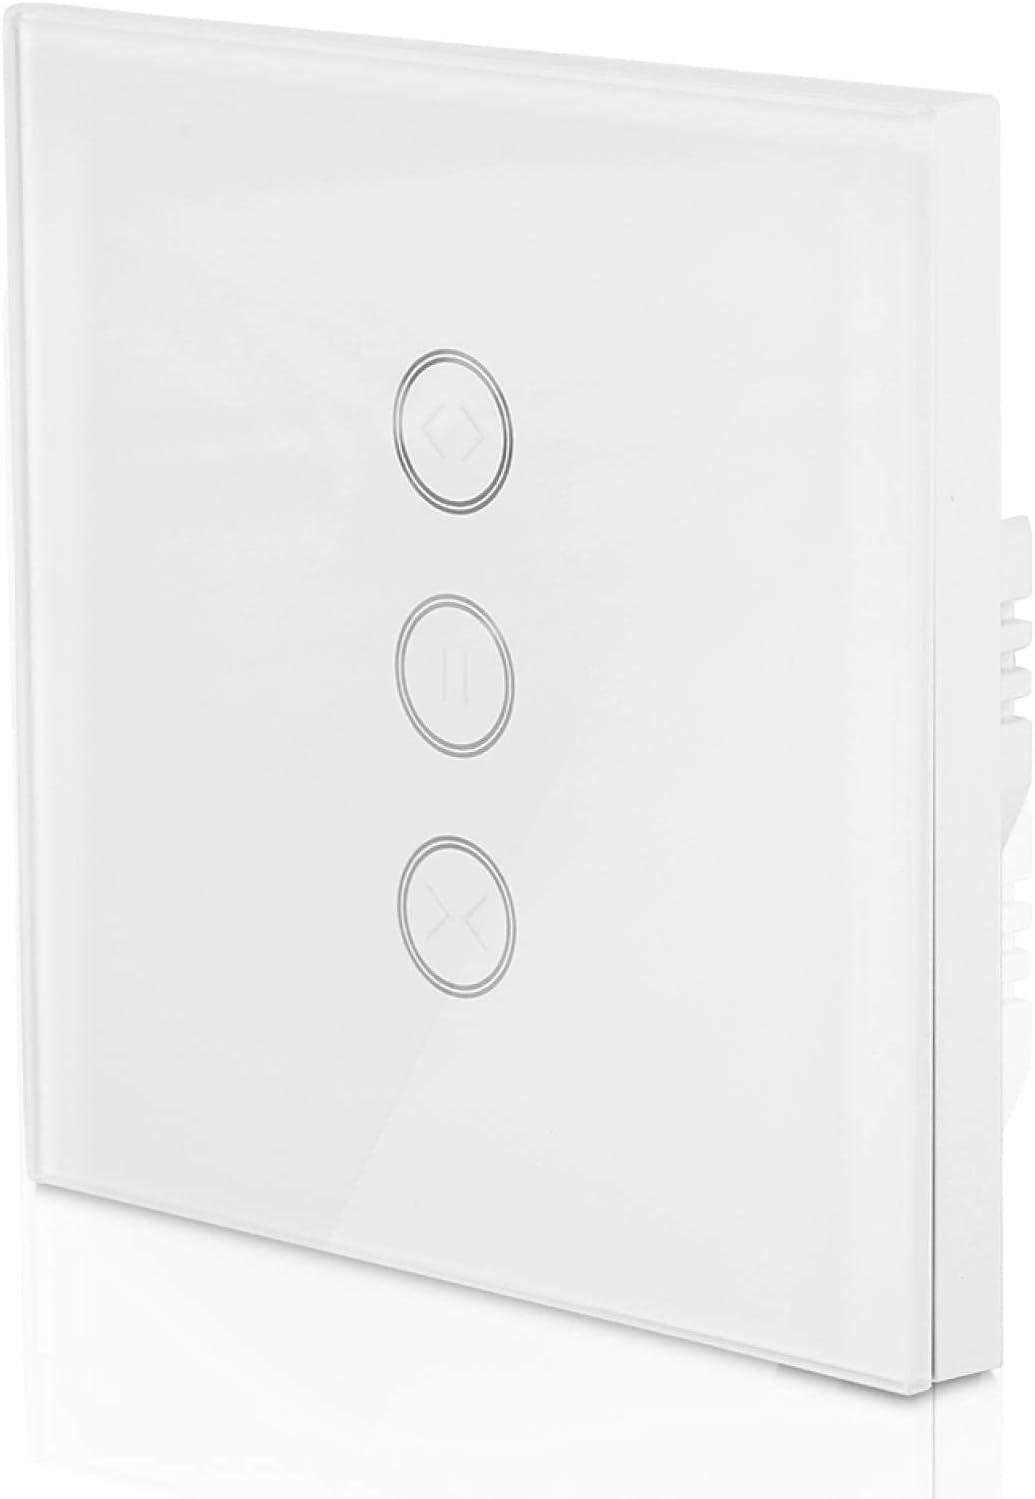 Interruptor WiFi Interruptor de motor de cortina de ahorro de problemas Distancia ilimitada Control de voz Control remoto Interruptor de cortina, adecuado para dormitorios